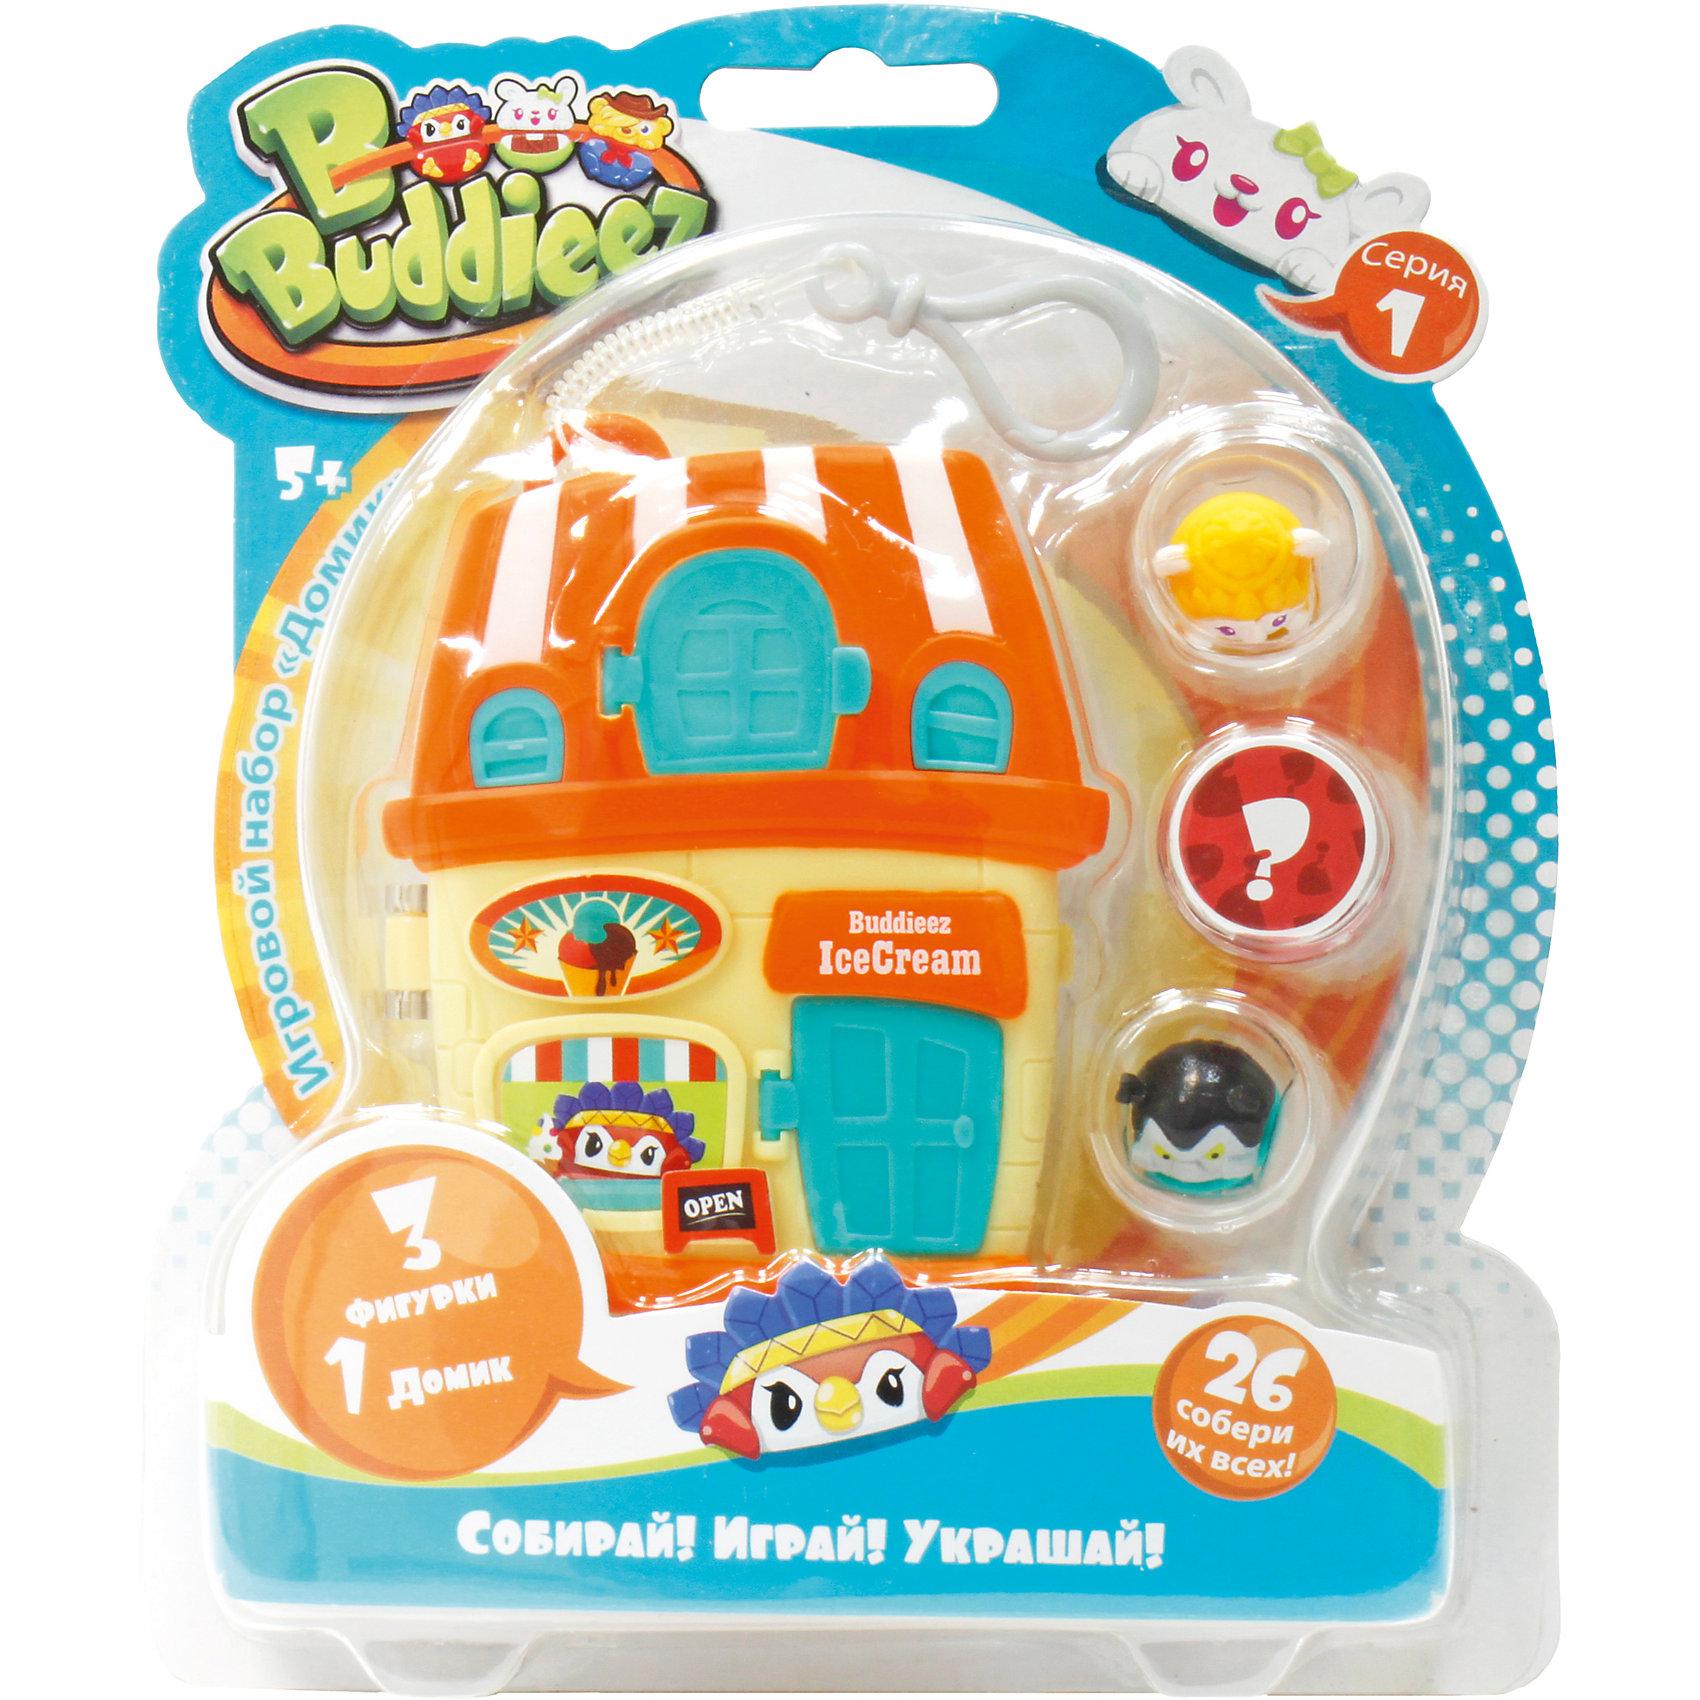 Набор Bbuddieez Оранжевый домик для хранения с подвеской, 3 шарма-персонажа, 1toyBbuddieez<br>Набор Bbuddieez Оранжевый домик для хранения с подвеской, 3 шарма-персонажа, 1toy (1 той).<br><br>Характеристики:<br><br>• Серия: Вокруг света;<br>• В наборе:<br>-монстрики-зверюшки - 3 шт.,<br>-карточка персонажа – 3 шт.,<br>-оранжевый домик - 1шт.<br><br>BBuddieez – коллекционные монстрики-шармики для девочек и мальчиков 5-12 лет. Их можно прикреплять к браслетам, шнуркам, волосам, рюкзакам, на ручки и карандаши, на одежду. С монстриками можно придумать различные увлекательные игры, собирать и обмениваться с друзьями. В набор входит 1 оранжевый домик для хранения зверюшек, 3 монстрика (в ассортименте) и 3 карточки. В домик помещается 9 героев. Домик на карабине. <br>Собери всю коллекцию!<br><br>Набор Bbuddieez Оранжевый домик для хранения с подвеской, 3 шарма-персонажа, 1toy (1 той), можно купить в нашем интернет – магазине.<br><br>Ширина мм: 150<br>Глубина мм: 180<br>Высота мм: 40<br>Вес г: 137<br>Возраст от месяцев: 60<br>Возраст до месяцев: 192<br>Пол: Унисекс<br>Возраст: Детский<br>SKU: 5154280